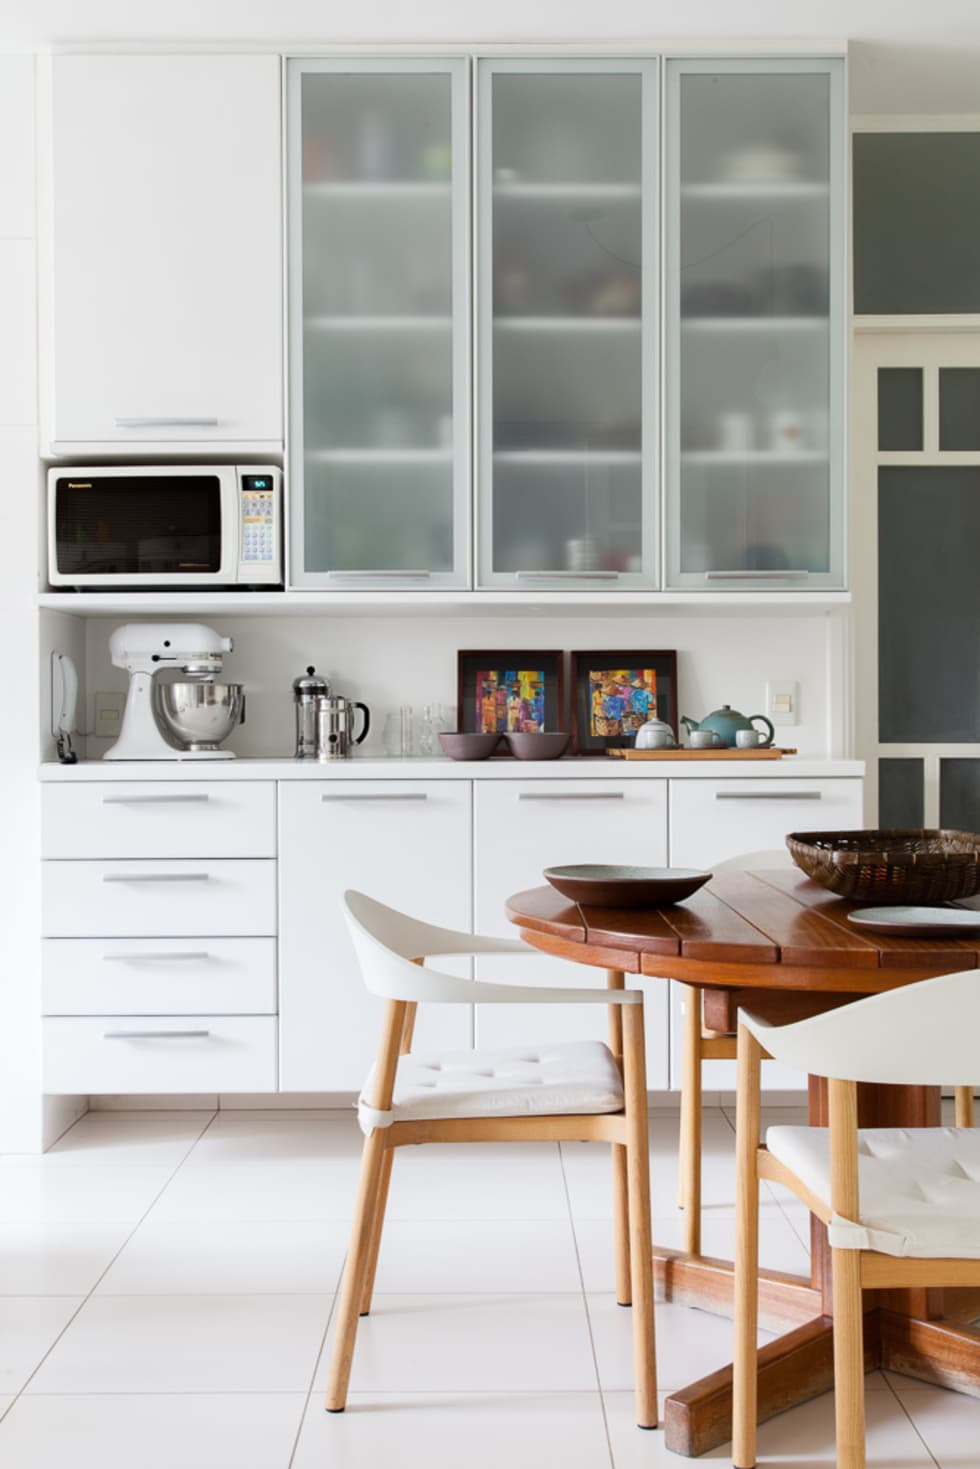 mmagalhães estúdio_Apartamento Parque: Cozinhas modernas por mmagalhães estúdio